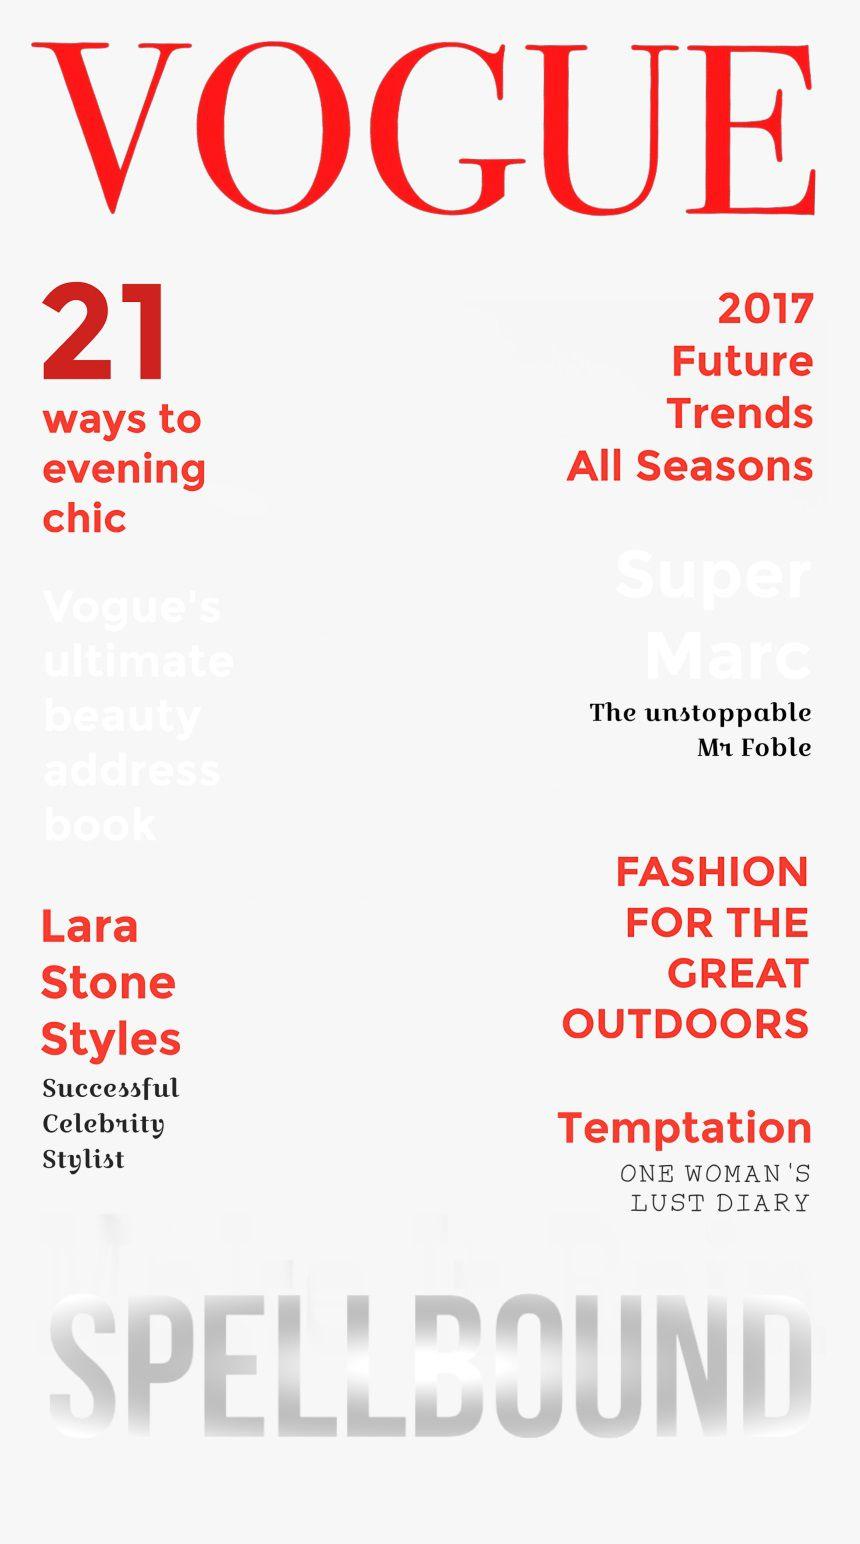 001 Incredible Magazine Cover Template Free Design  PersonalizedFull